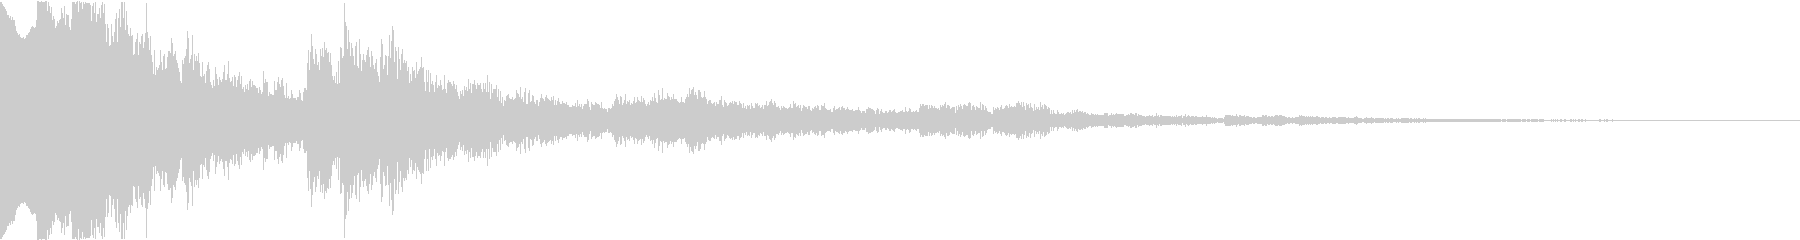 クリスタルな響きのテロップ音の未再生の波形